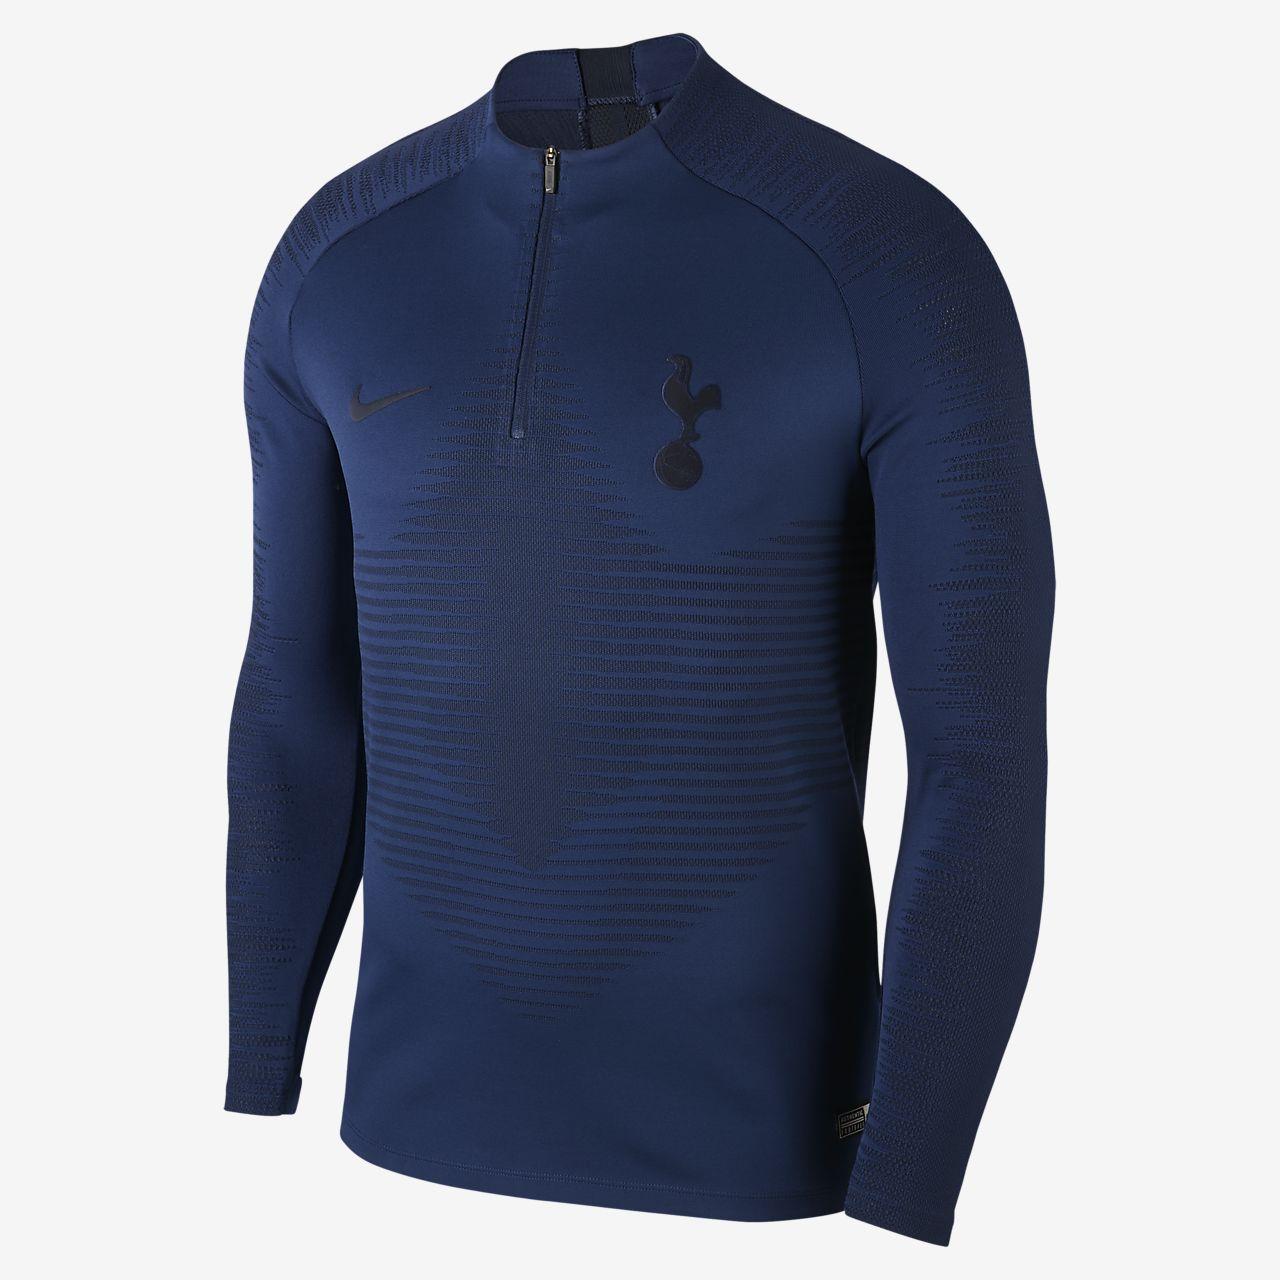 Nike VaporKnit Tottenham Hotspur Strike Men's Football Drill Top